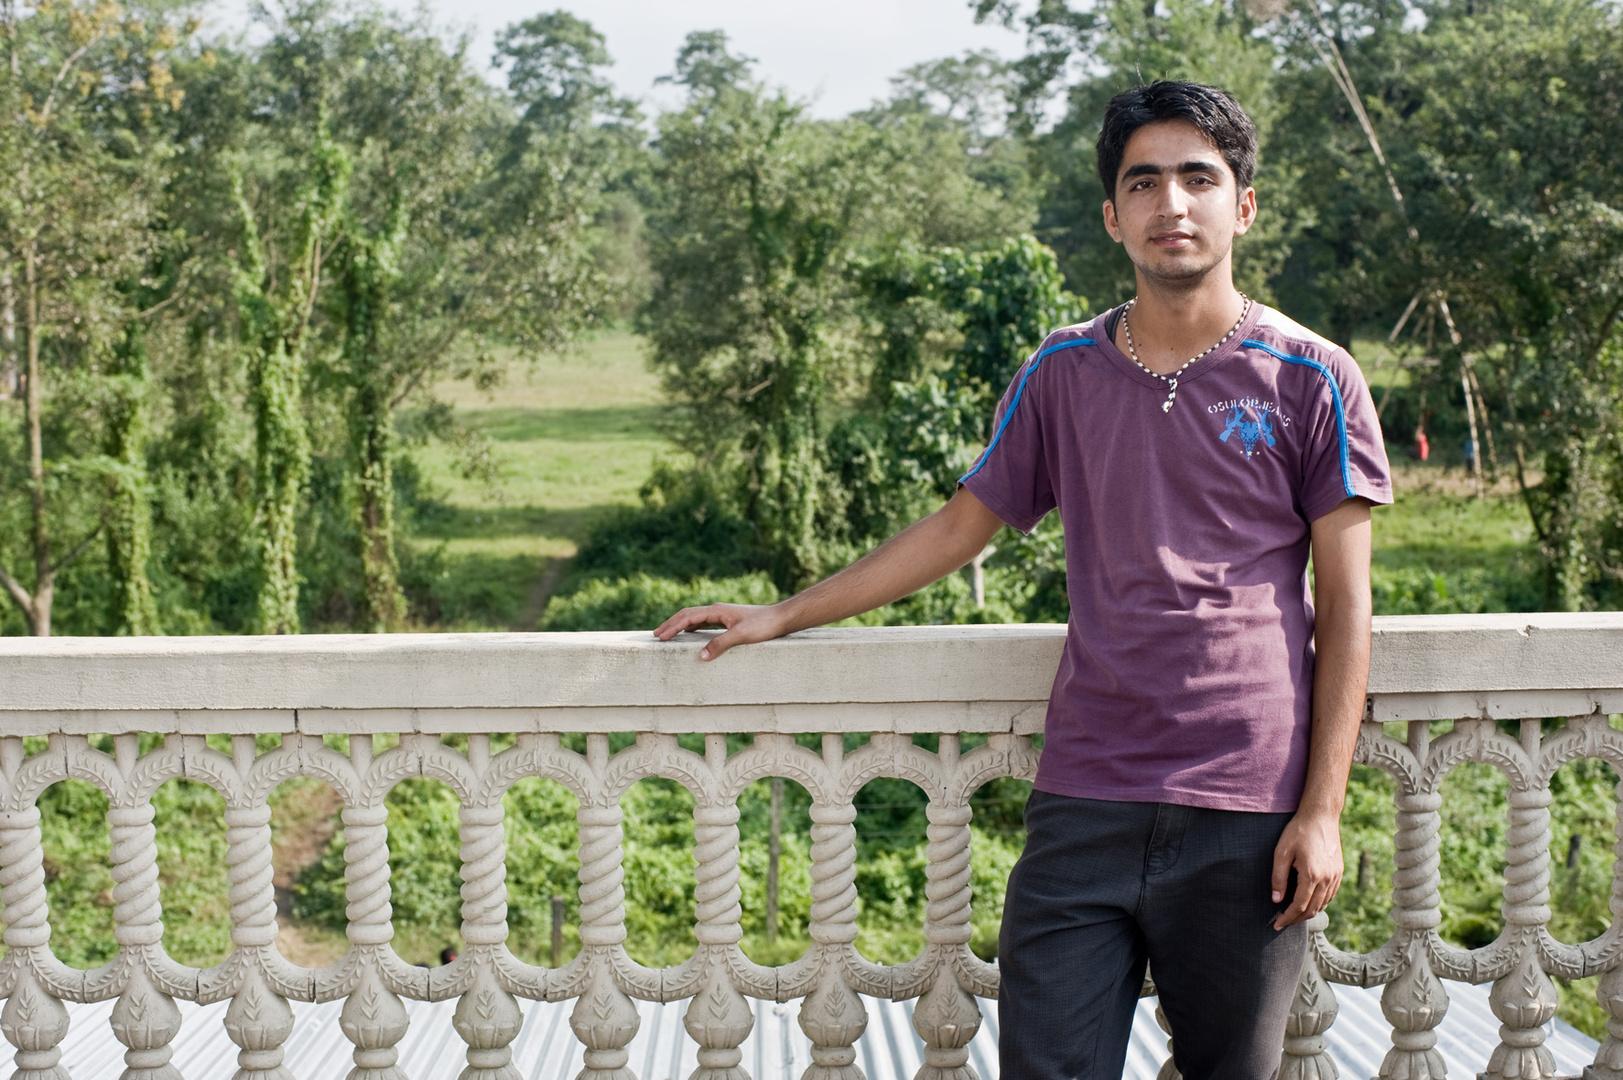 Bijay Pauder